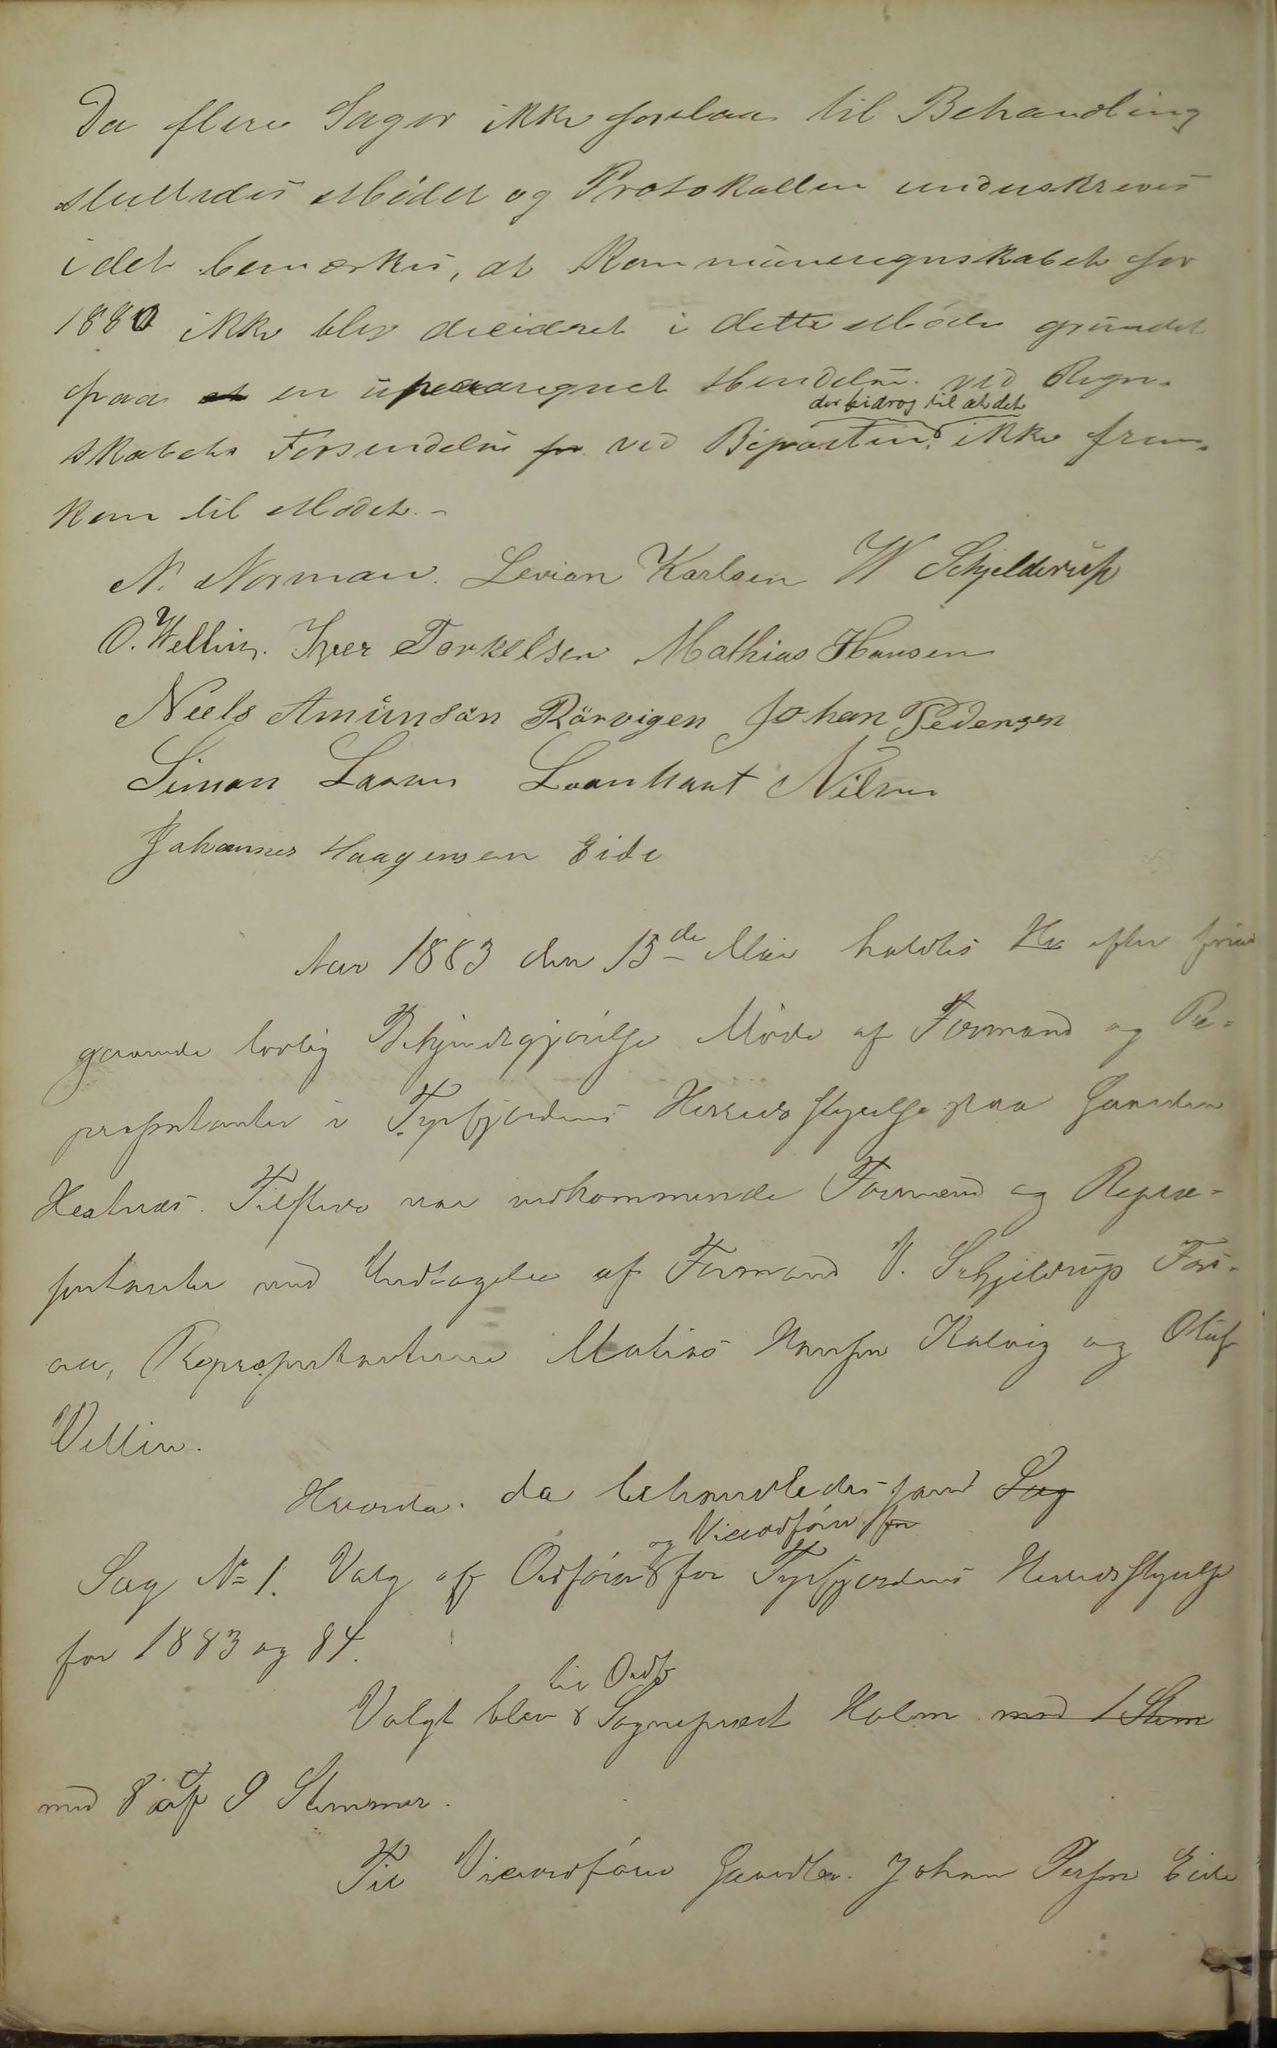 AIN, Tysfjord kommune. Formannskapet, 100/L0001: Forhandlingsprotokoll for Tysfjordens formandskab, 1869-1895, s. 82b